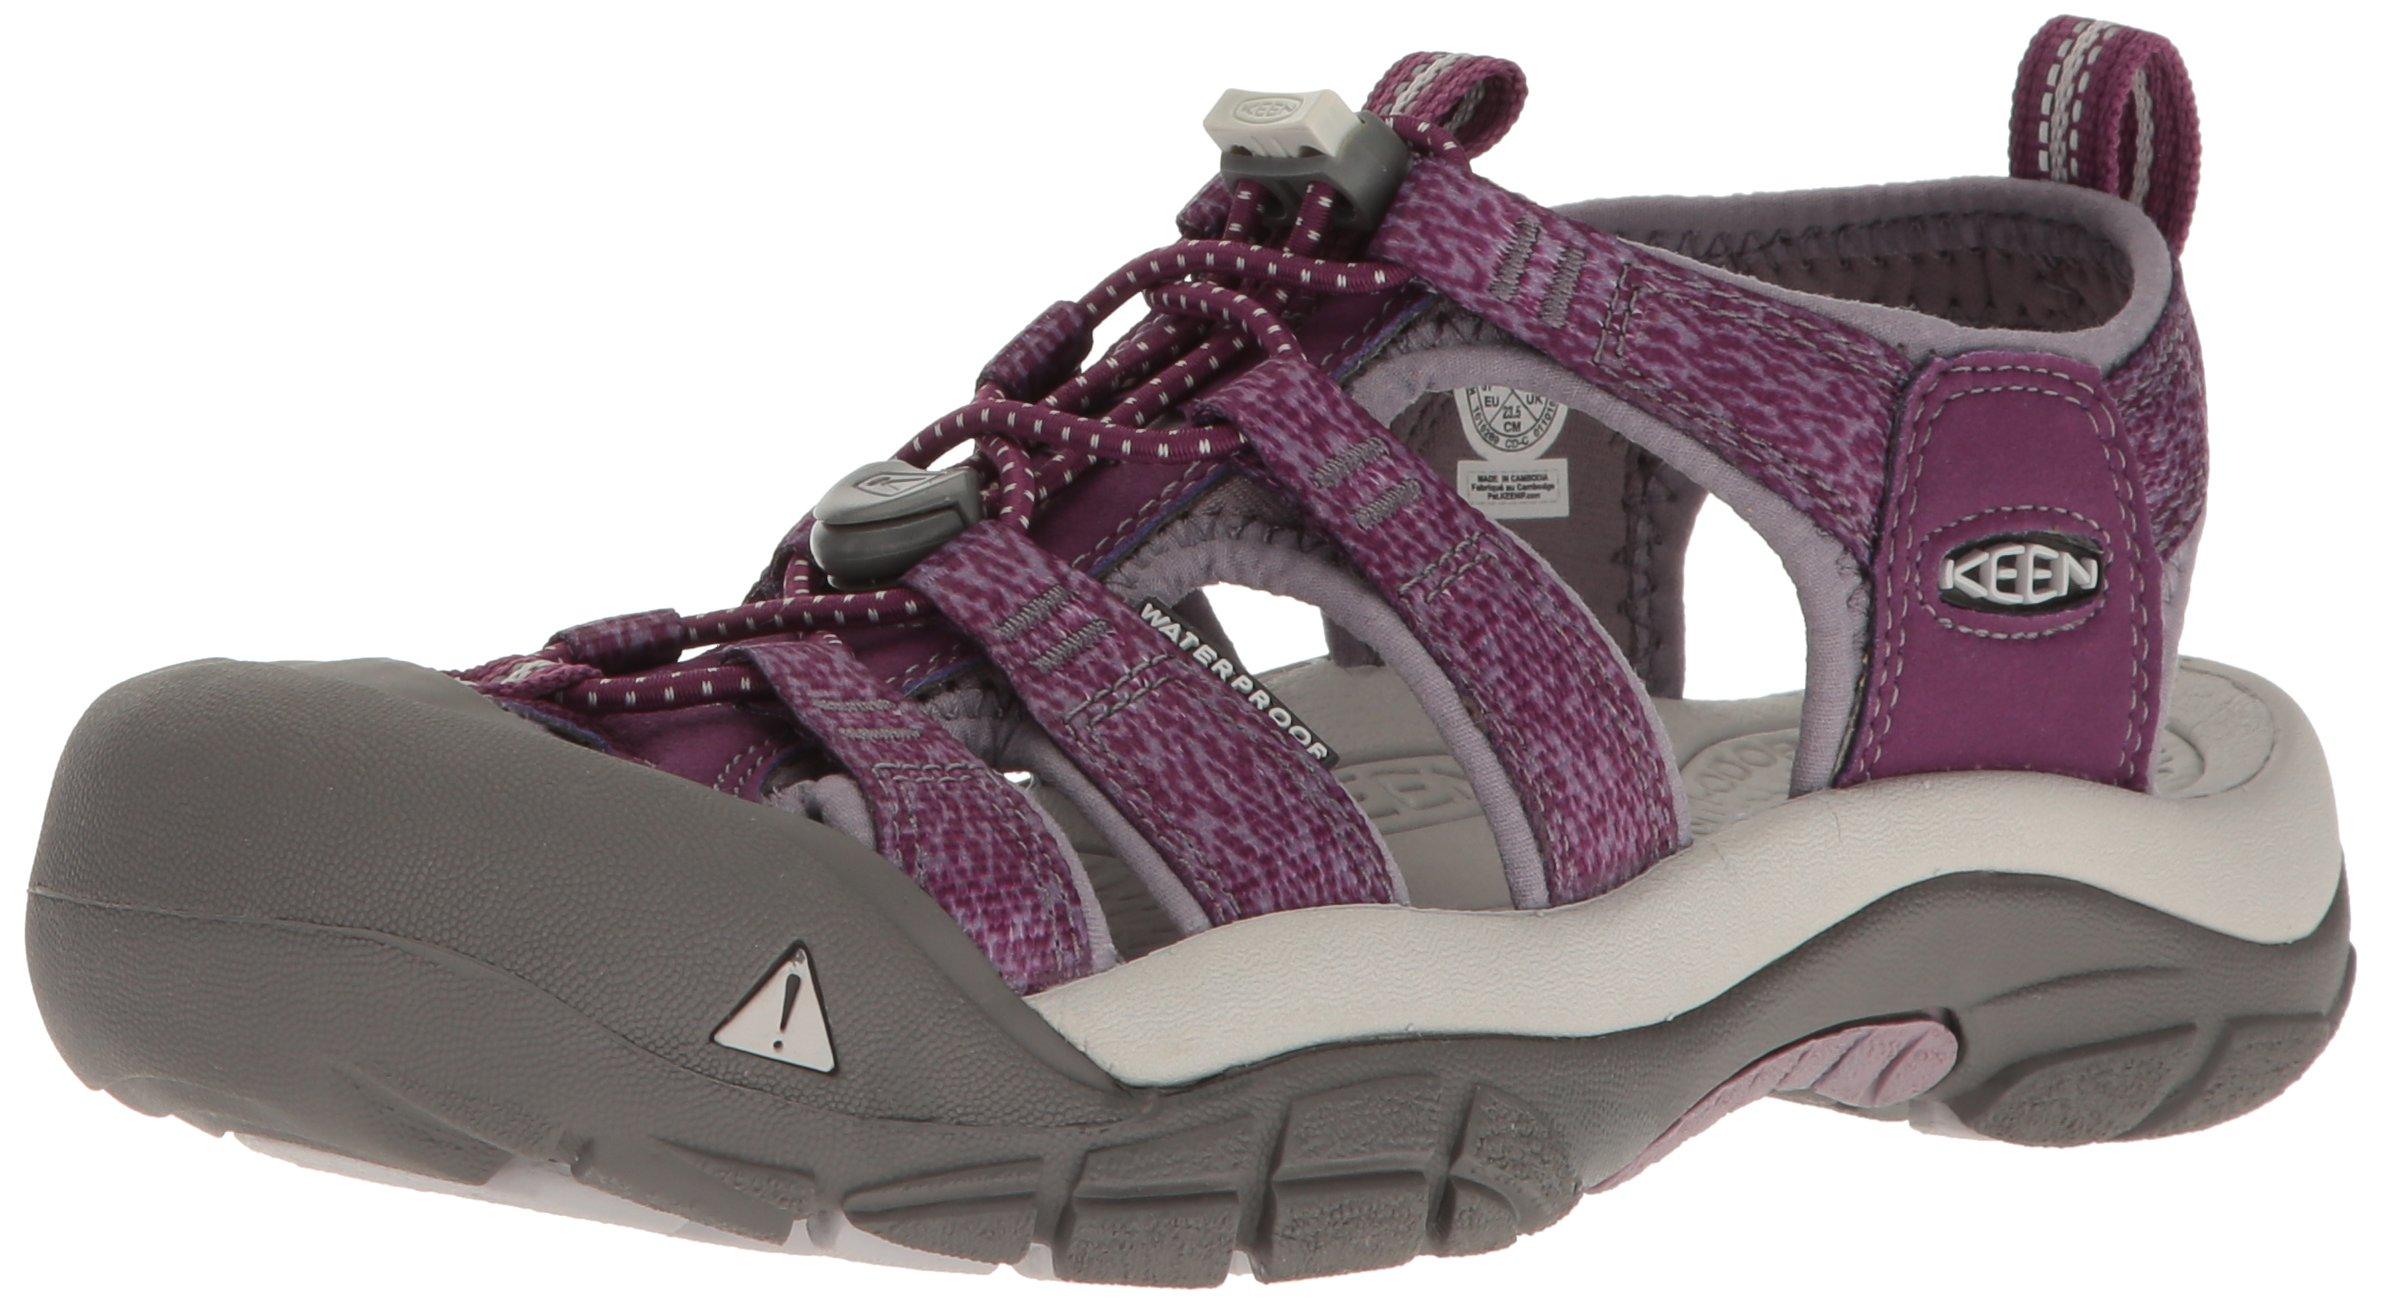 KEEN Women's Newport H2 Sandal, Deep Purple/Purple Sage, 7.5 M US